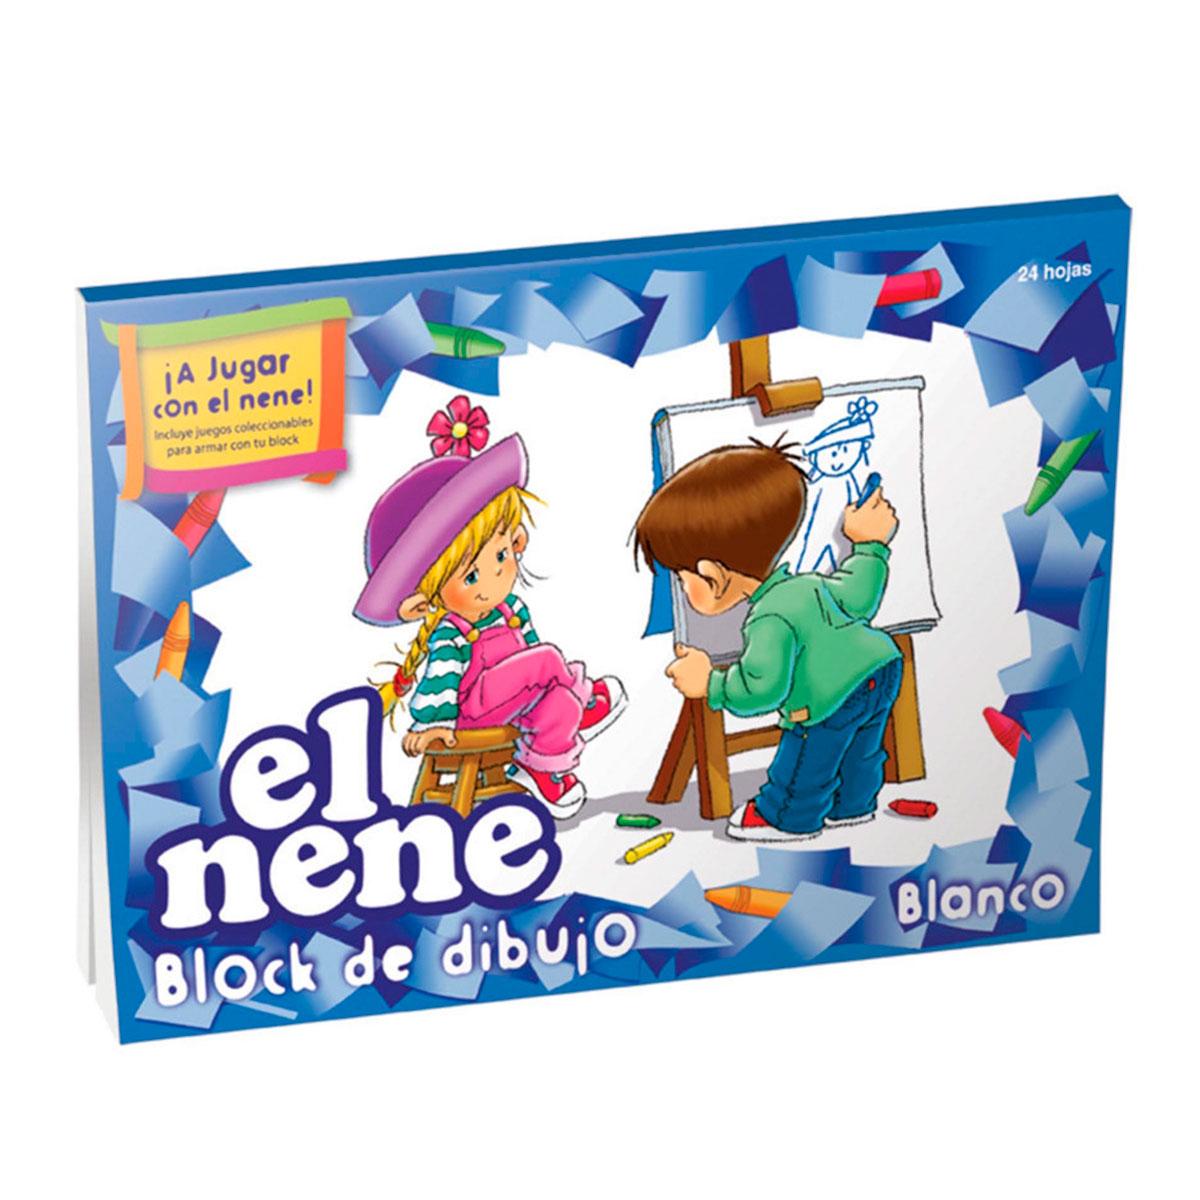 210528 EL NENE                                                      | BLOCK DIBUJO Nº 5 BLANCO POR 24 HOJAS